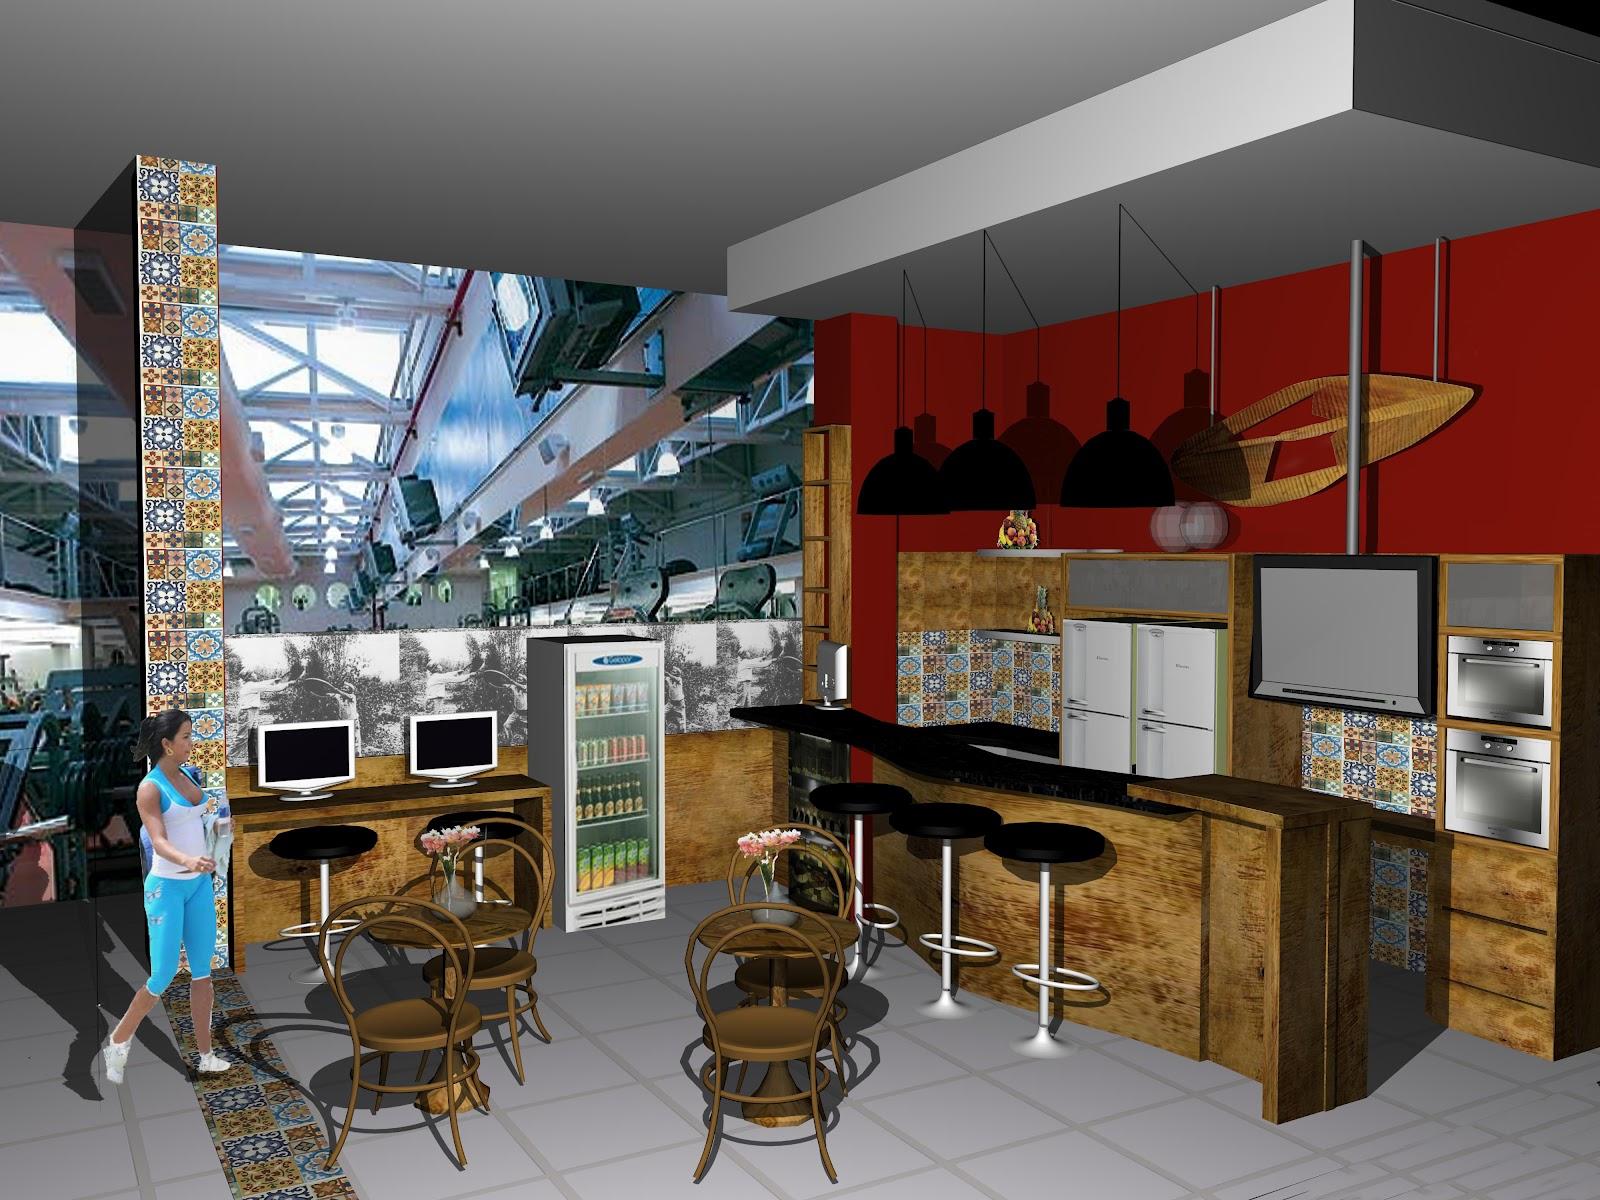 Oficina de Arquitetura: Projetos de Interiores #6B2714 1600 1200